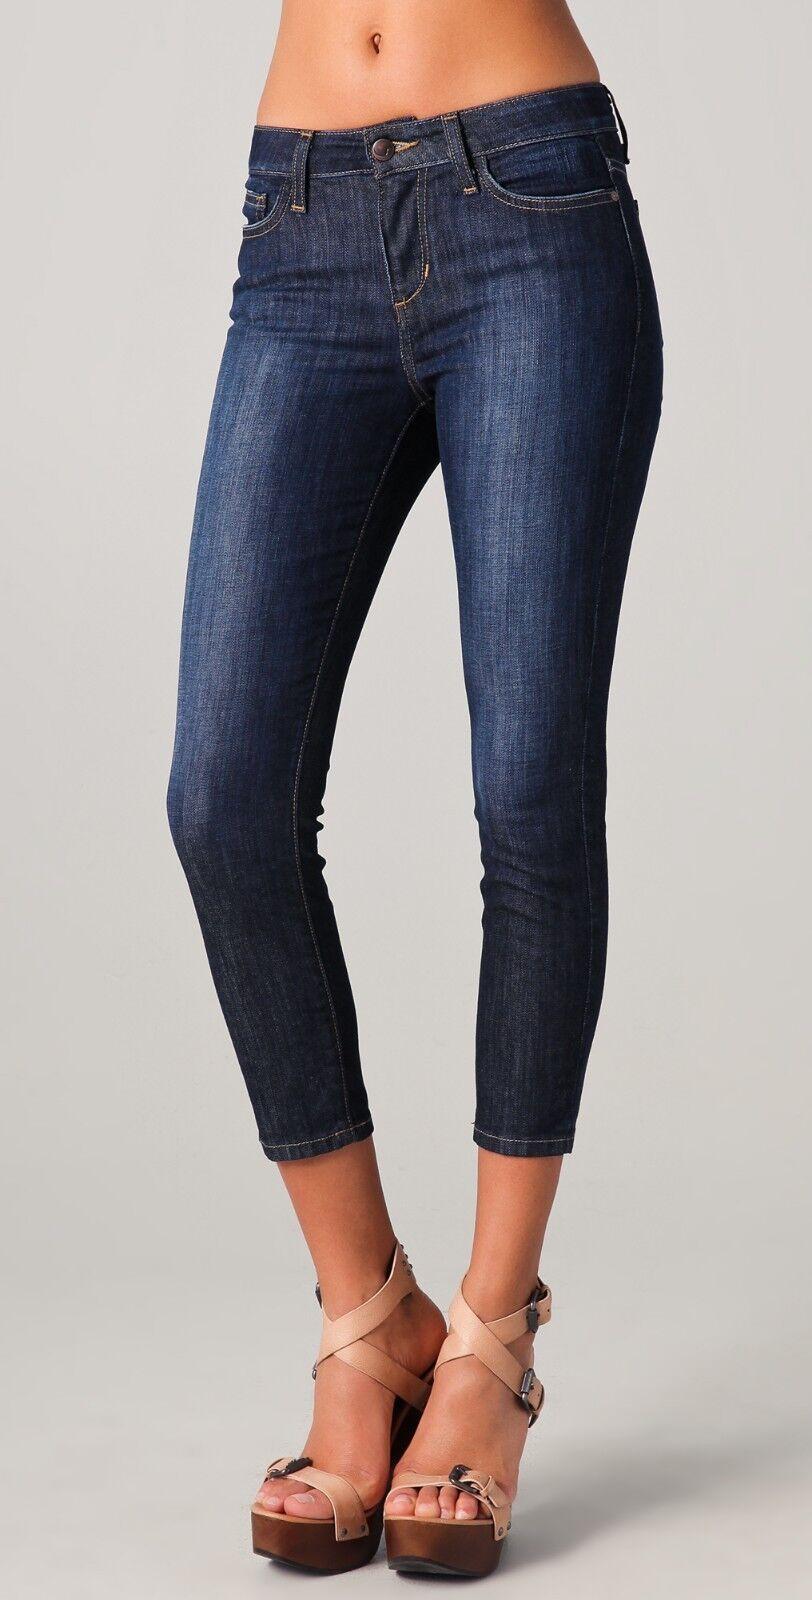 Nouve165 Joe& 039;s Jeans Cropped Skinny Denim Jeans Mona délavé Größe 31